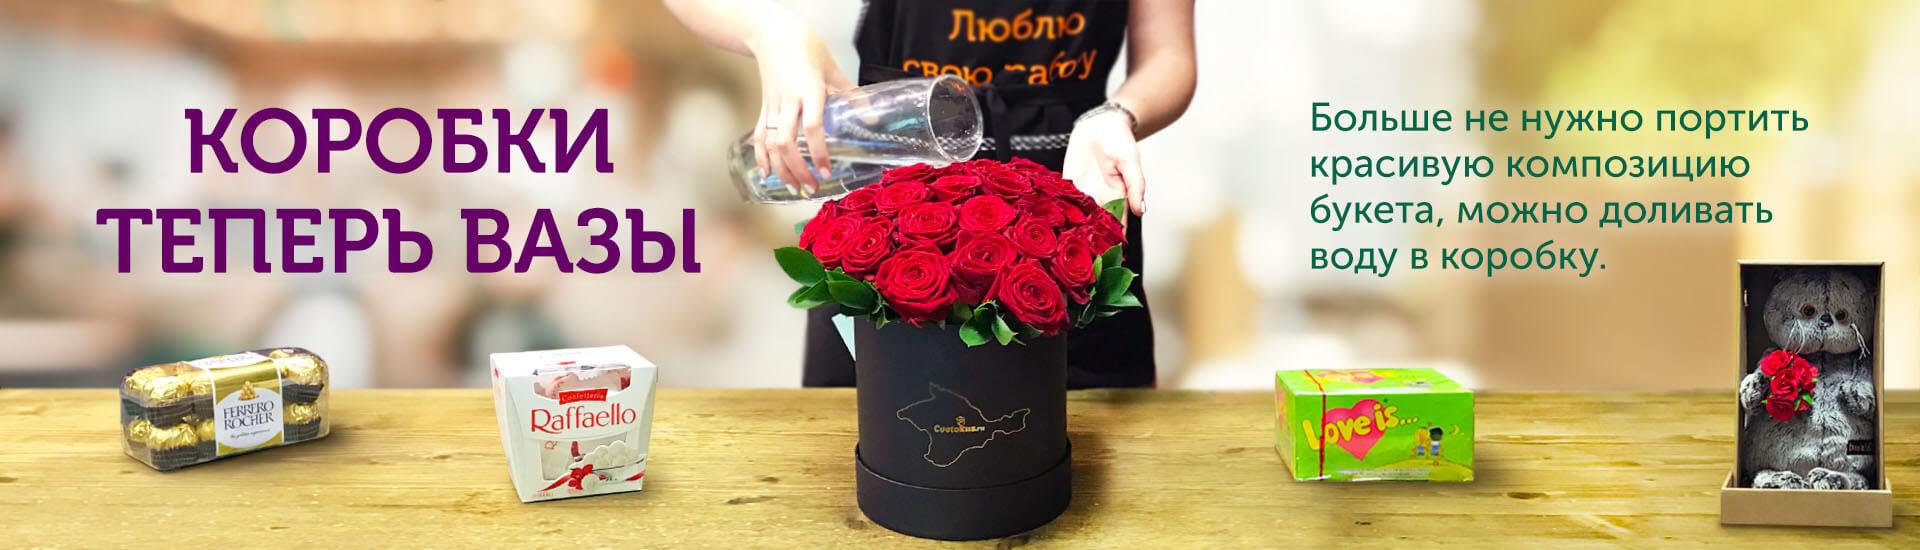 korobka-vaza